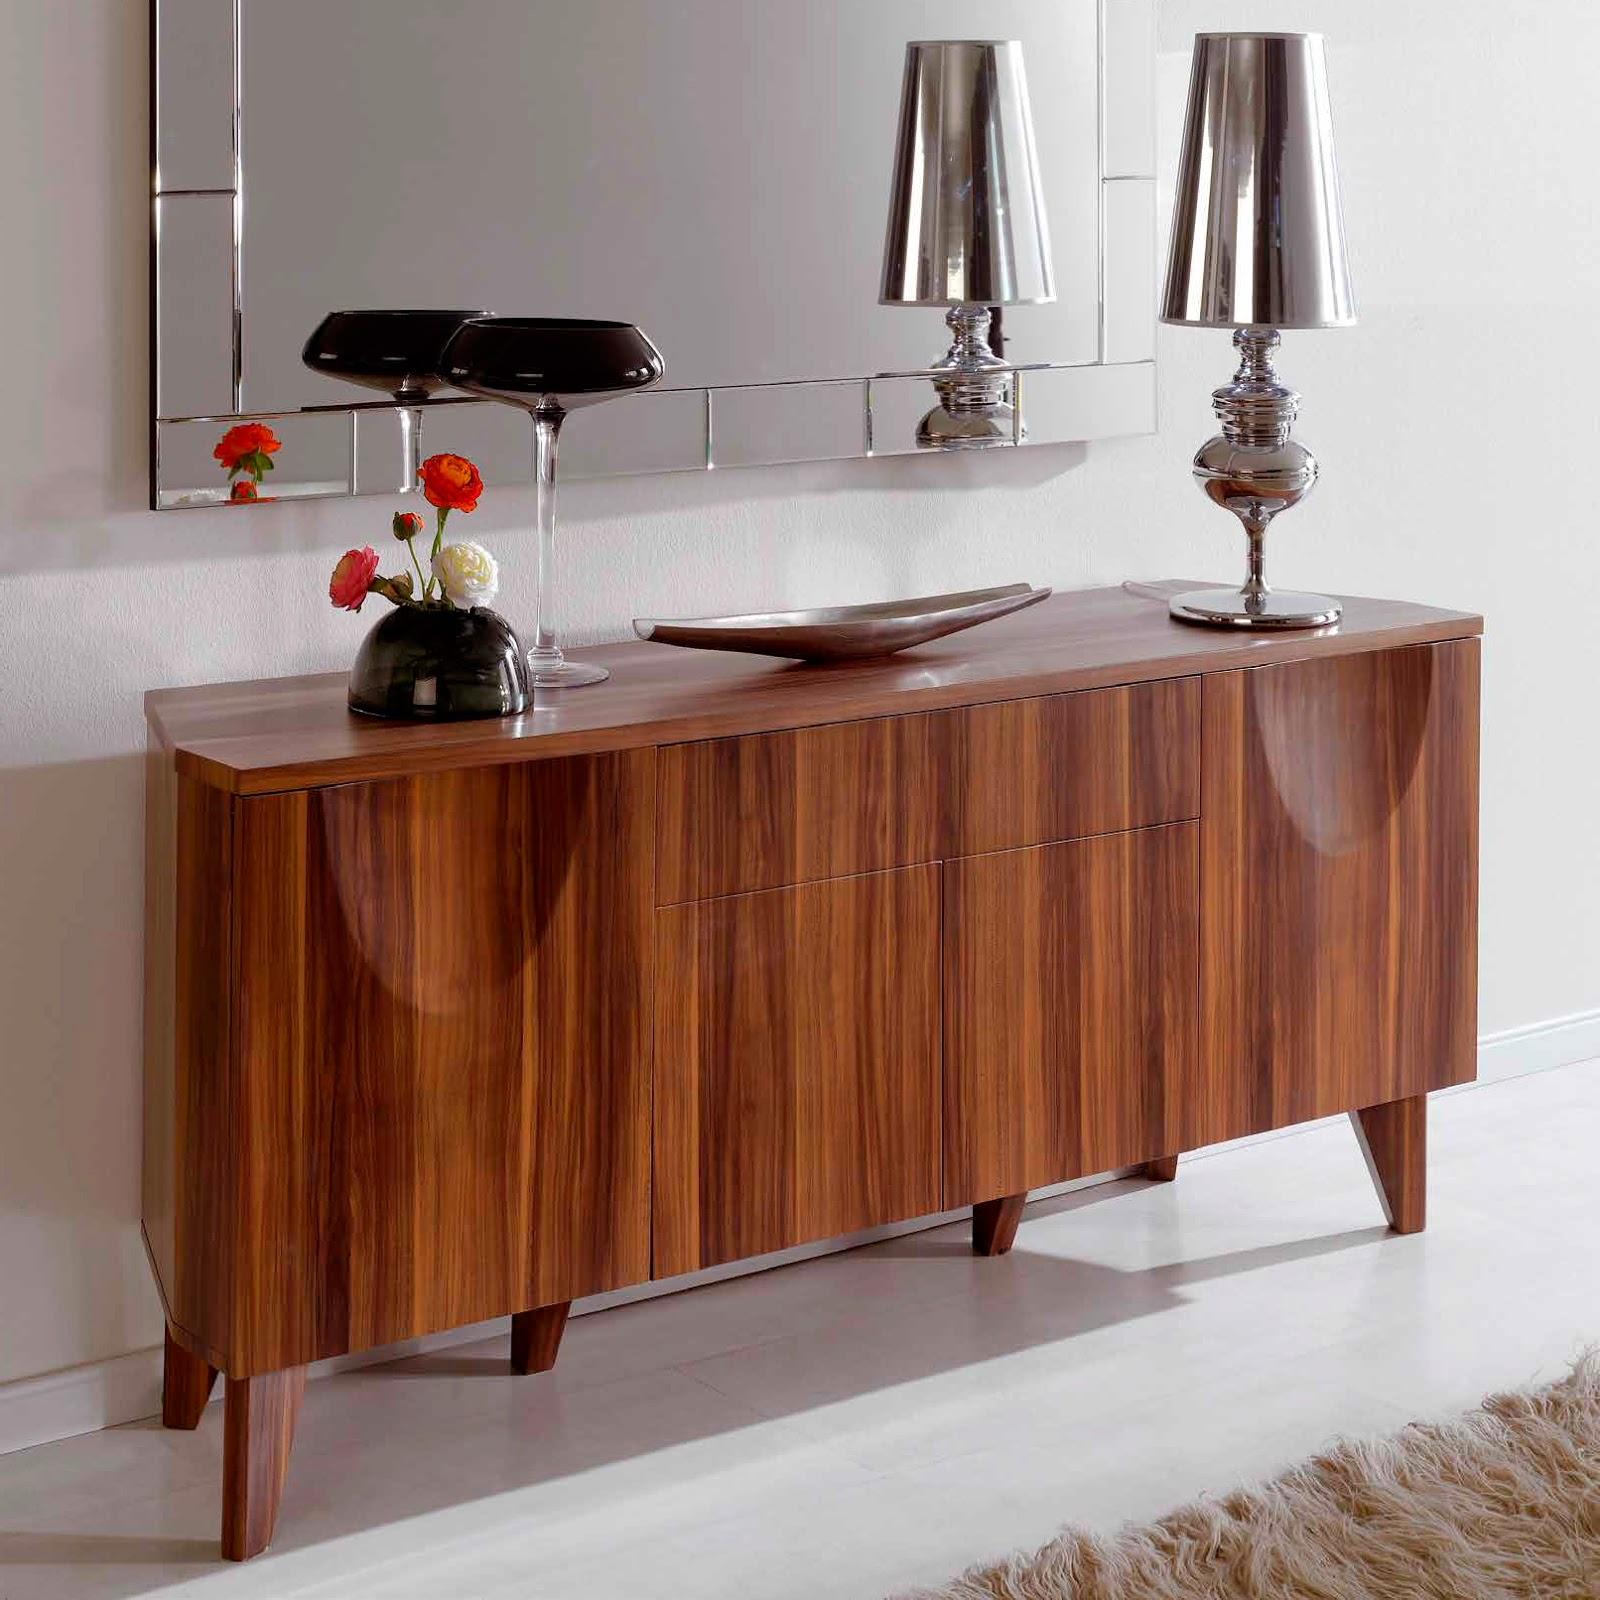 Muebles de comedor aparadores de madera para el comedor for Muebles comedor madera